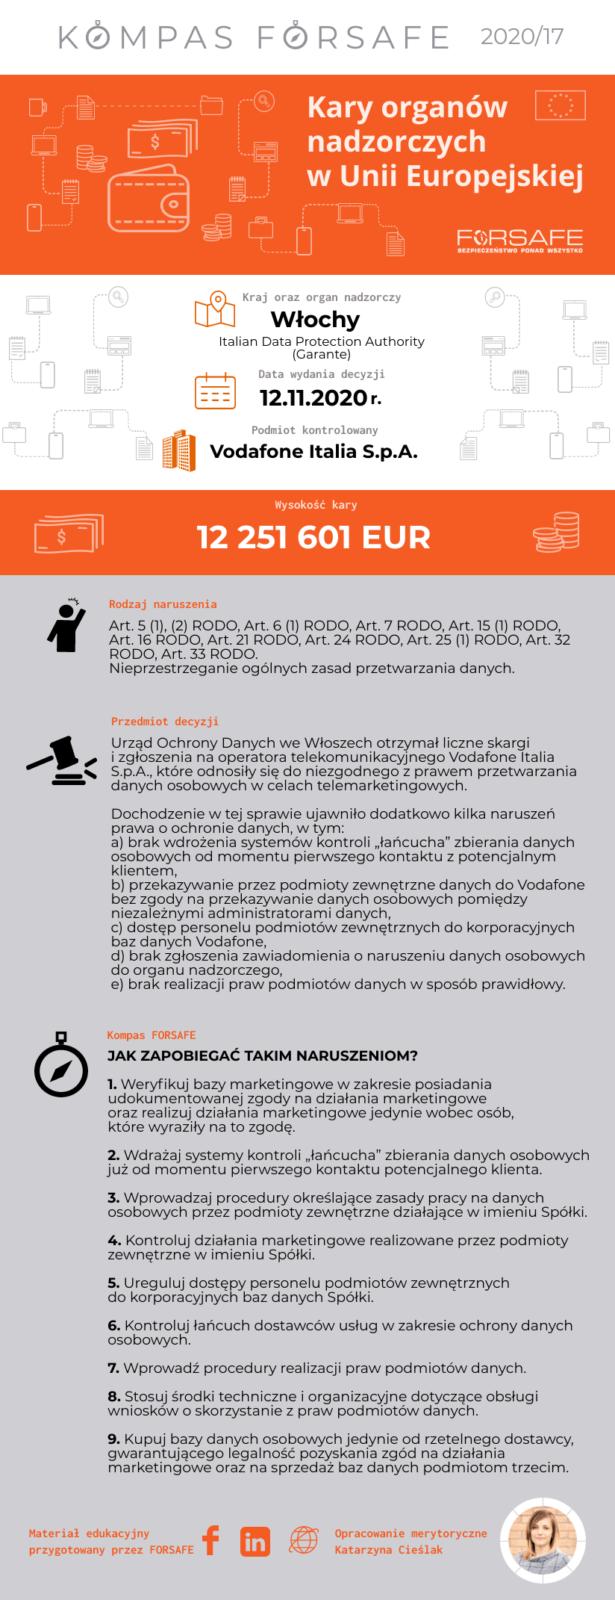 kompas forsafe eu 17 KOMPAS FORSAFE EU 2020/17 - Kara dla Vodafone